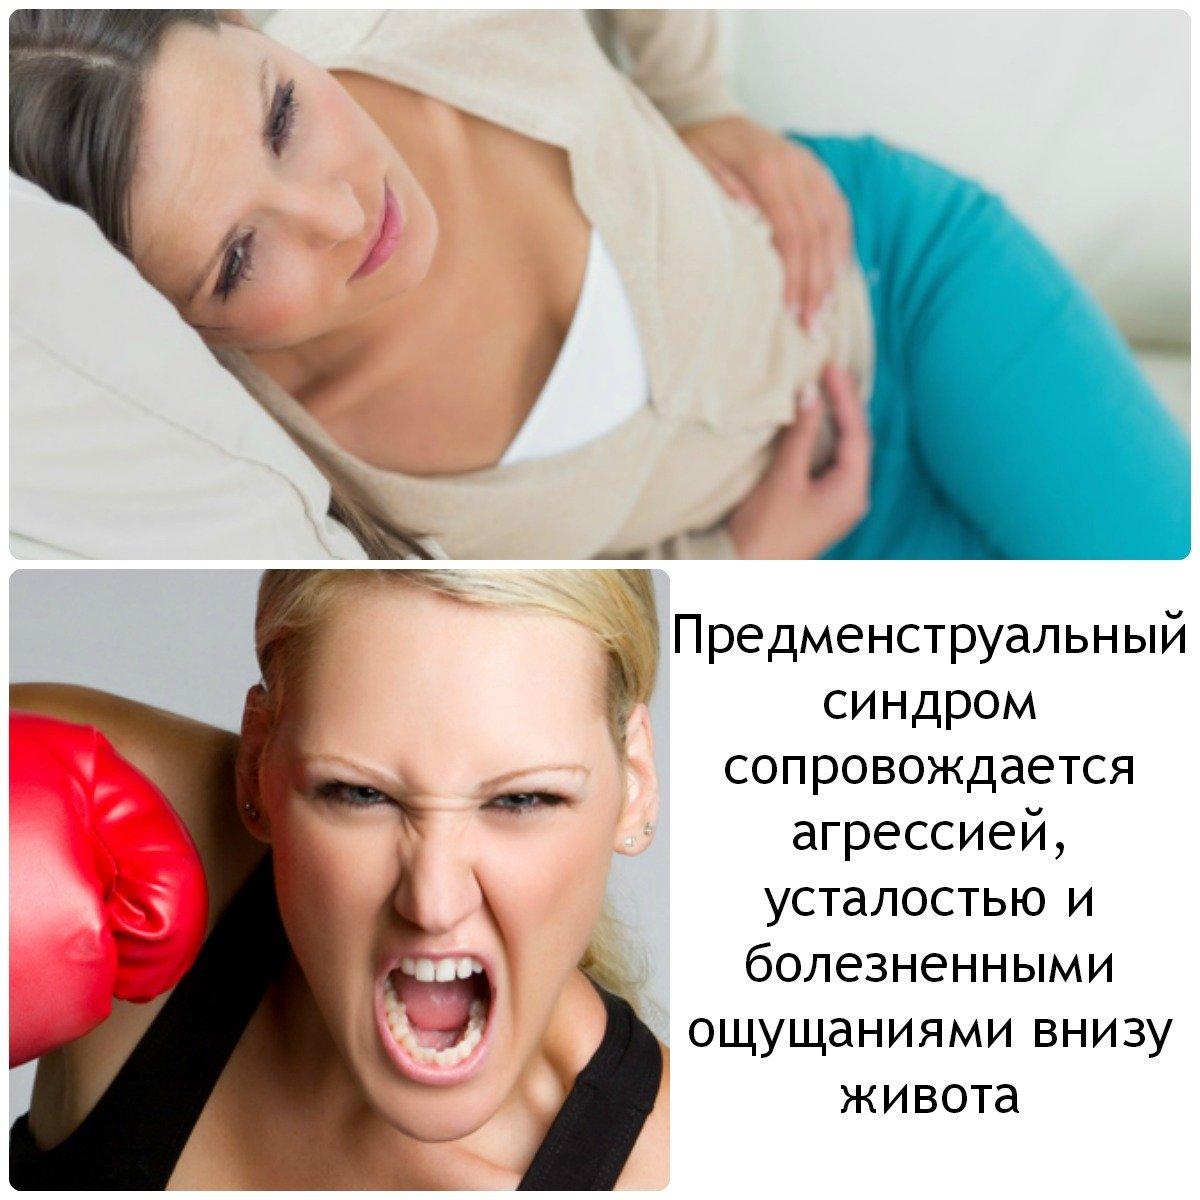 ᐉ симптомы пмс и расшифровка. симптомы пмс у девушек. что такое пмс - mariya-mironova.ru